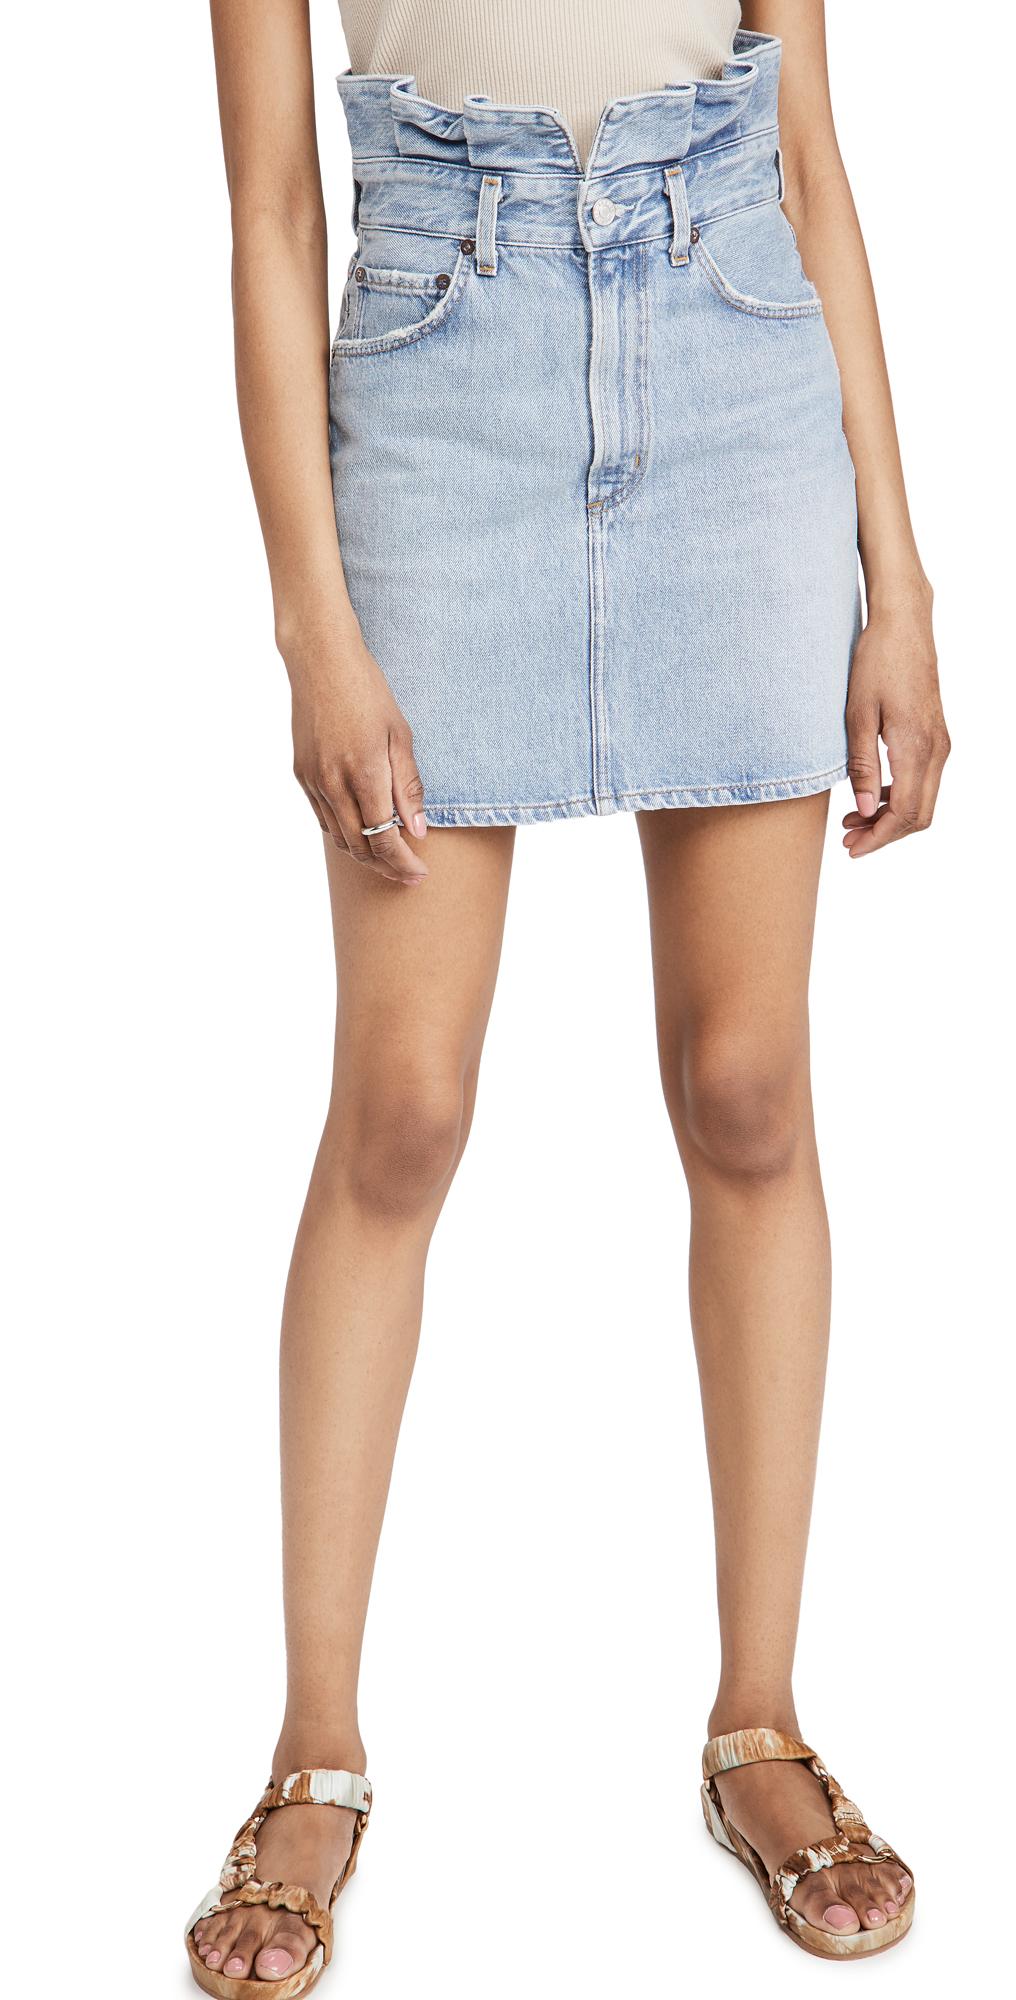 AGOLDE Lettuce Waistband Reworked High Rise Skirt